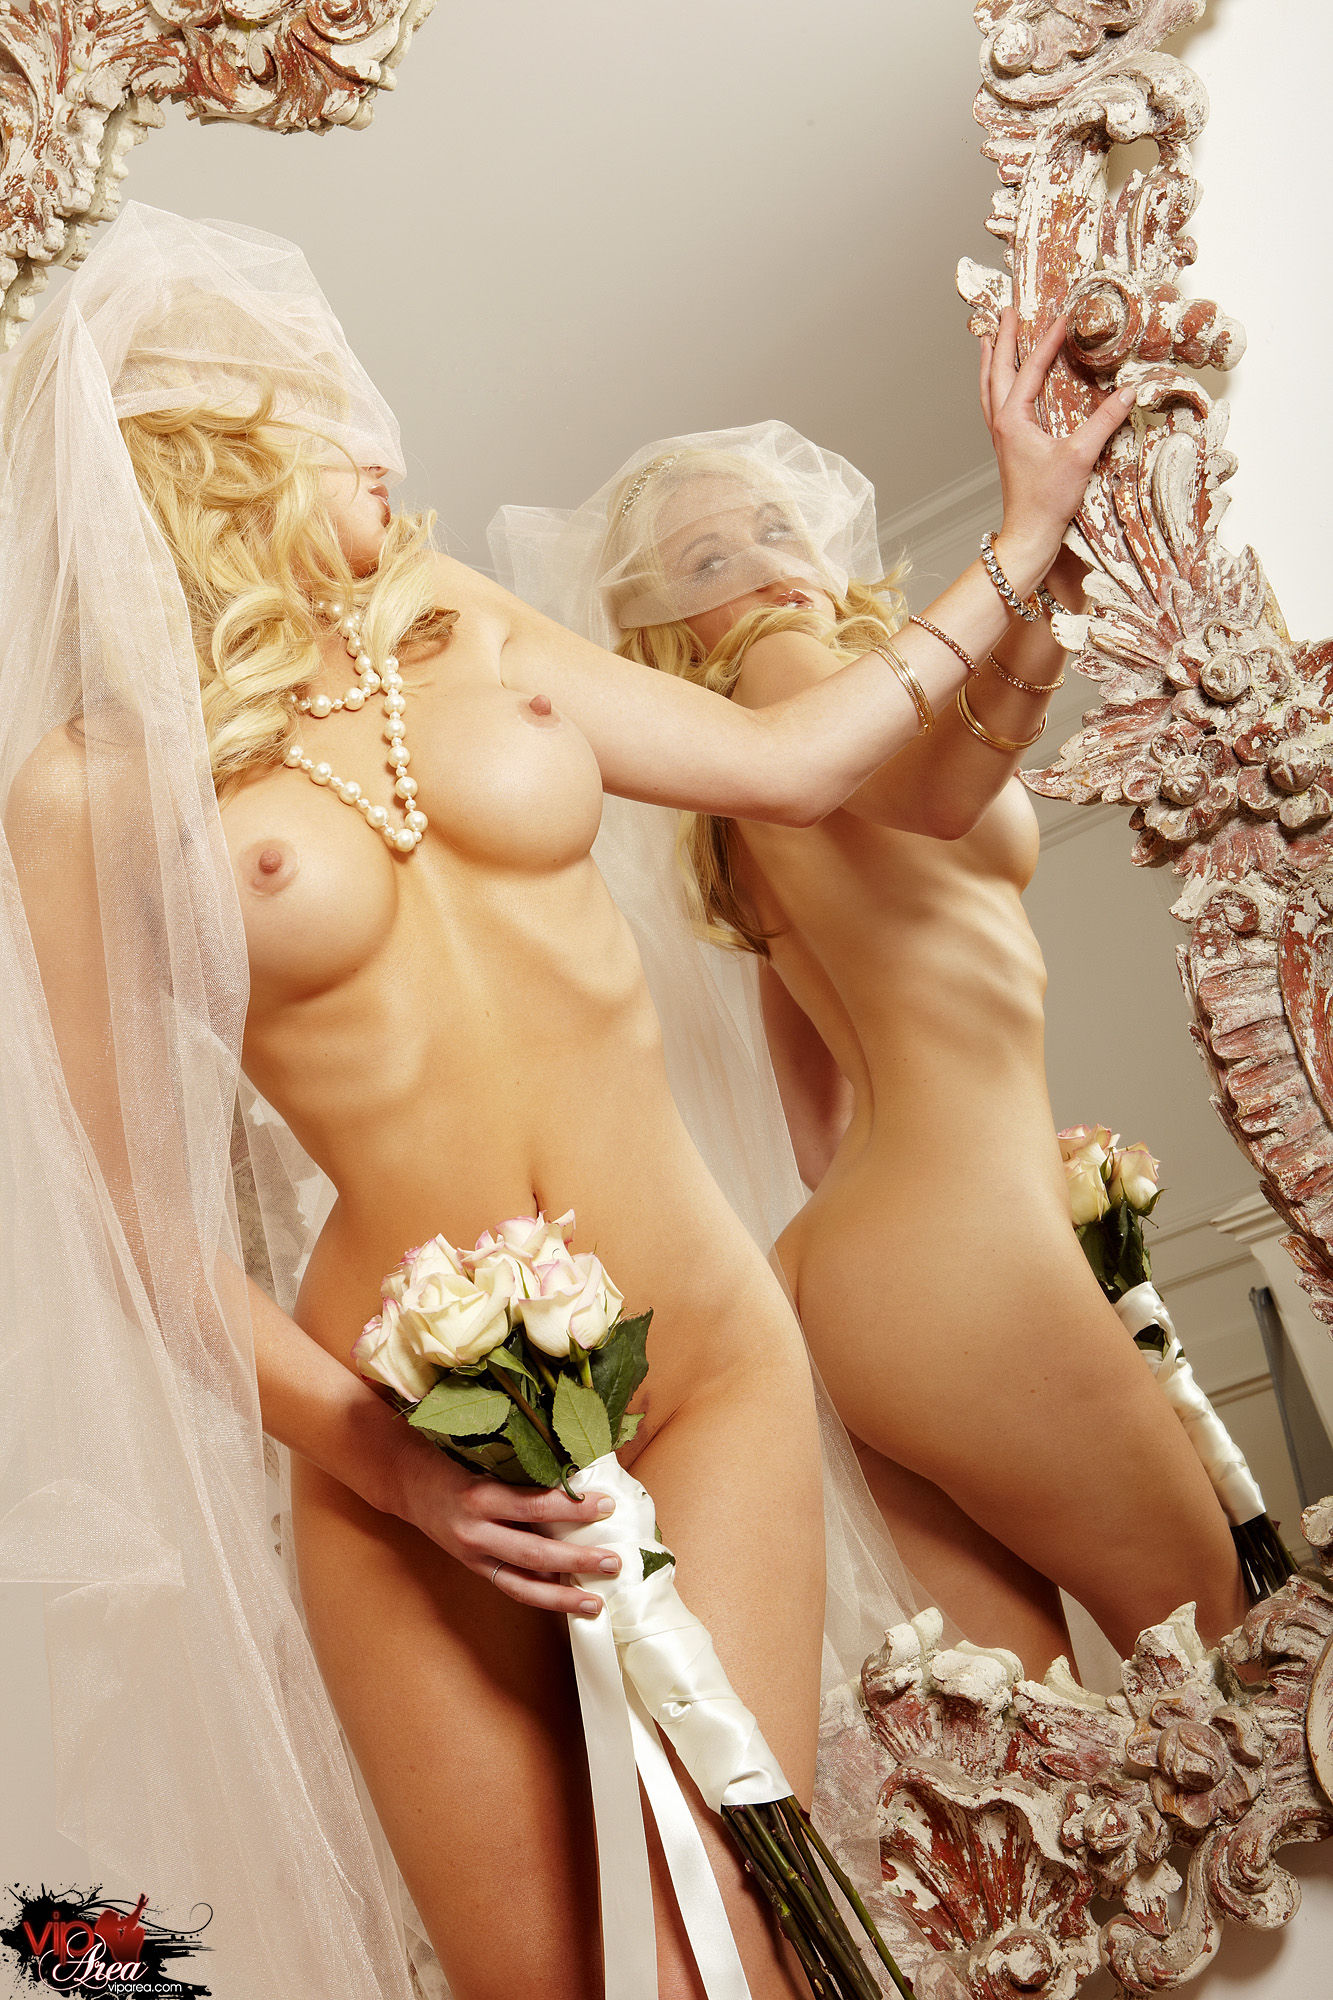 Смотреть онлайн эротику невесты 8 фотография